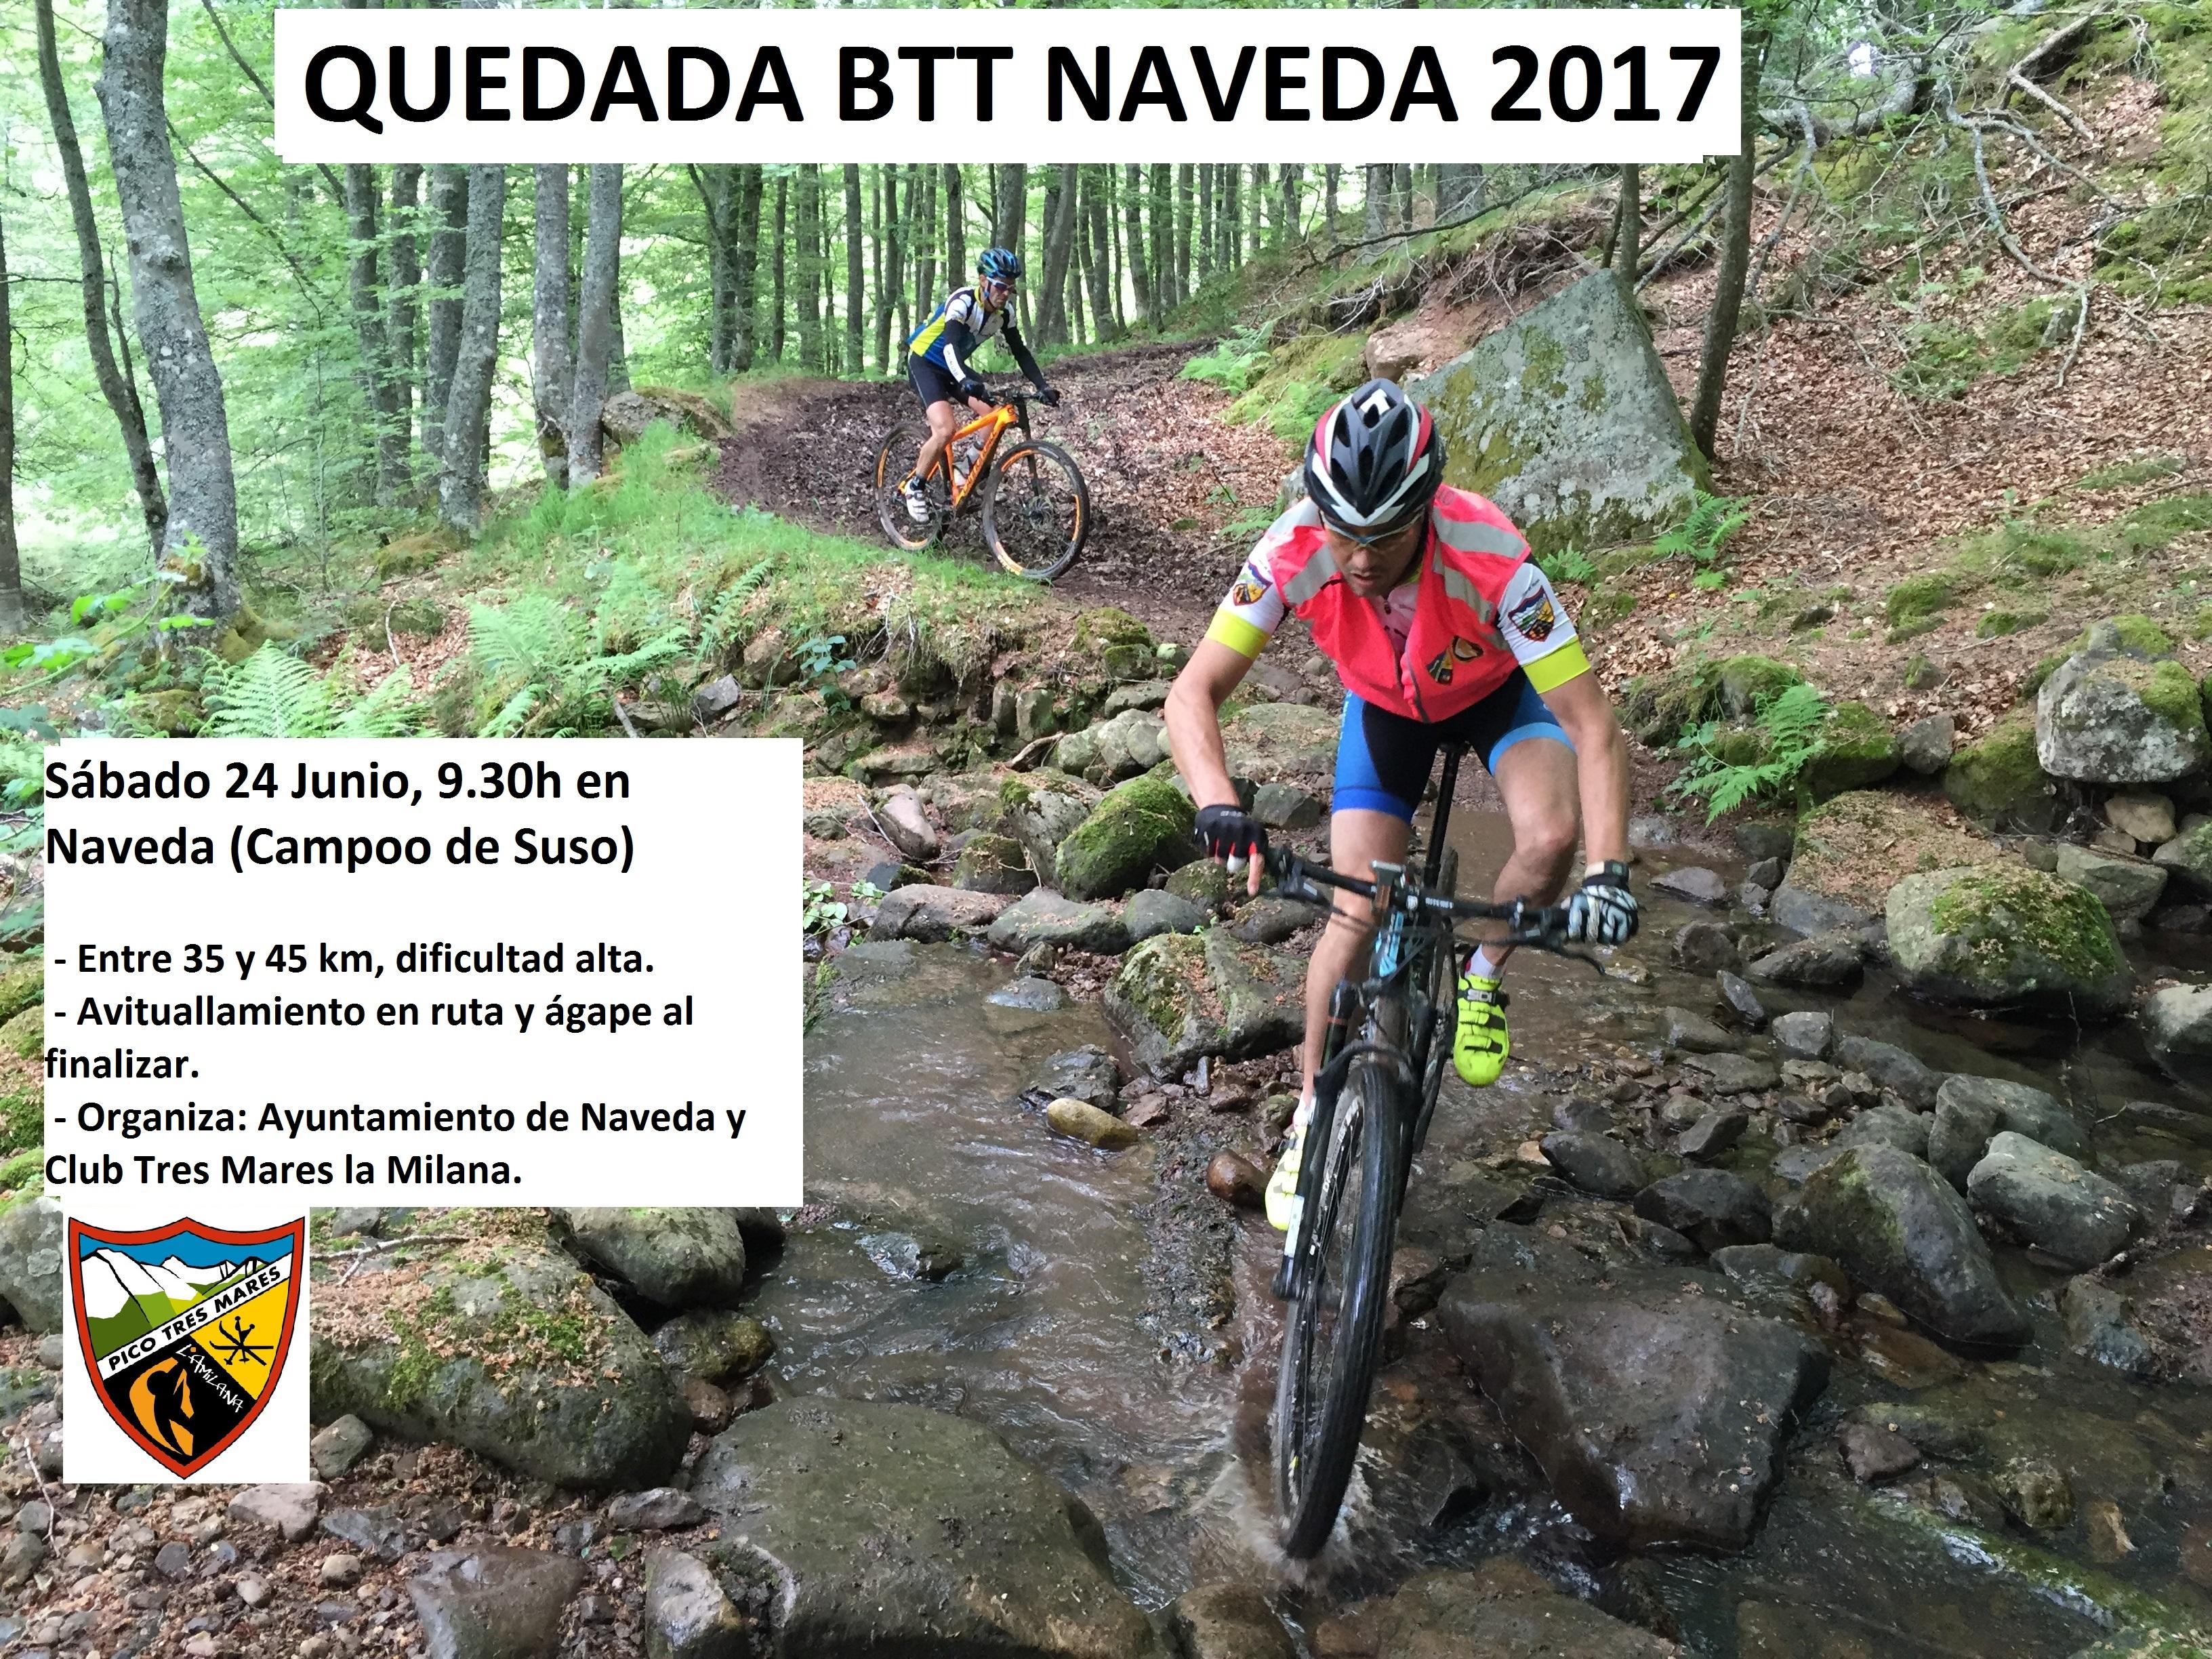 QUEDADA BTT NAVEDA, 24 JUNIO 2017